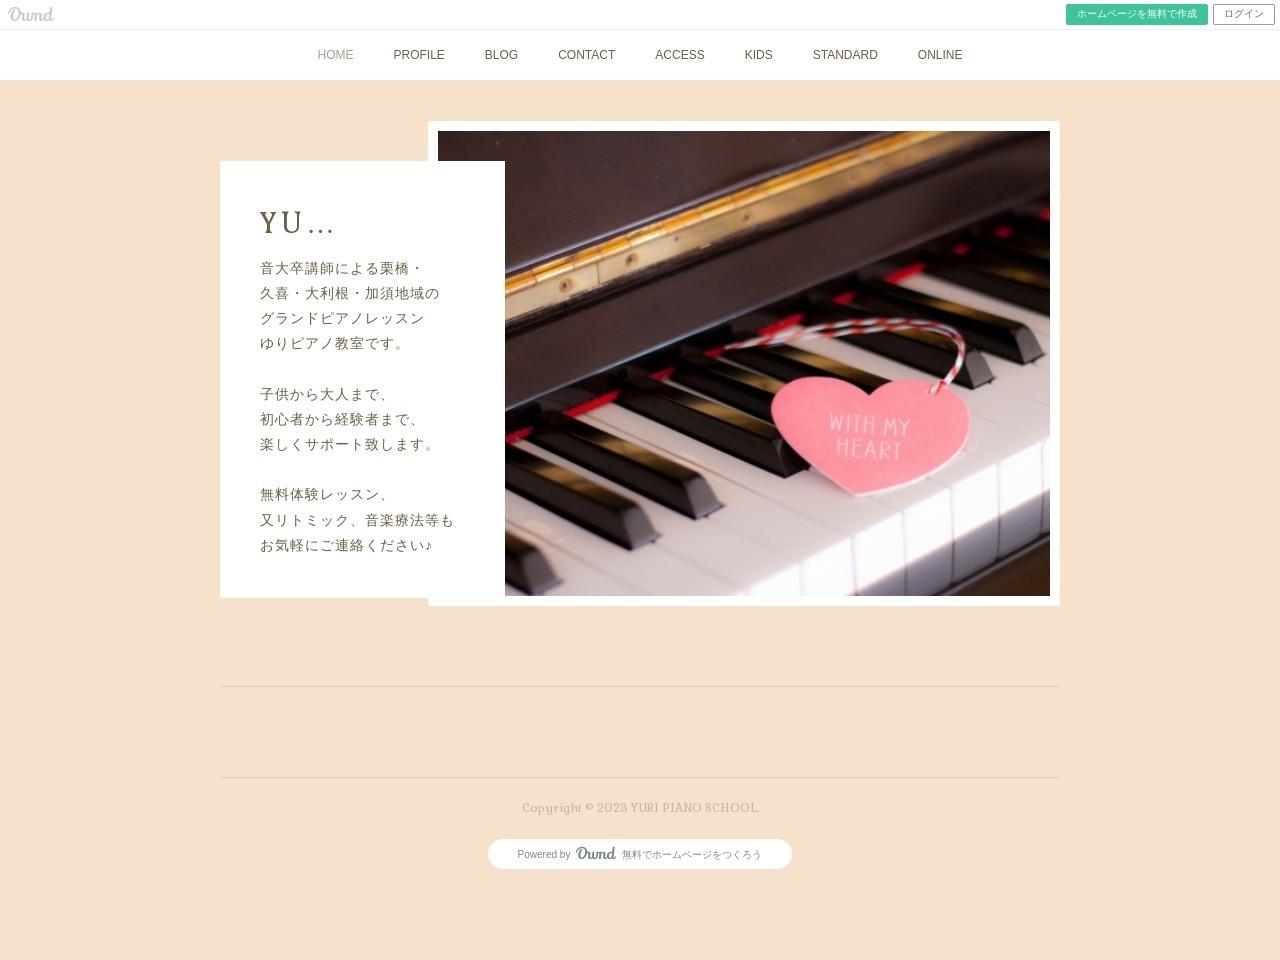 YURIピアノスクールのサムネイル